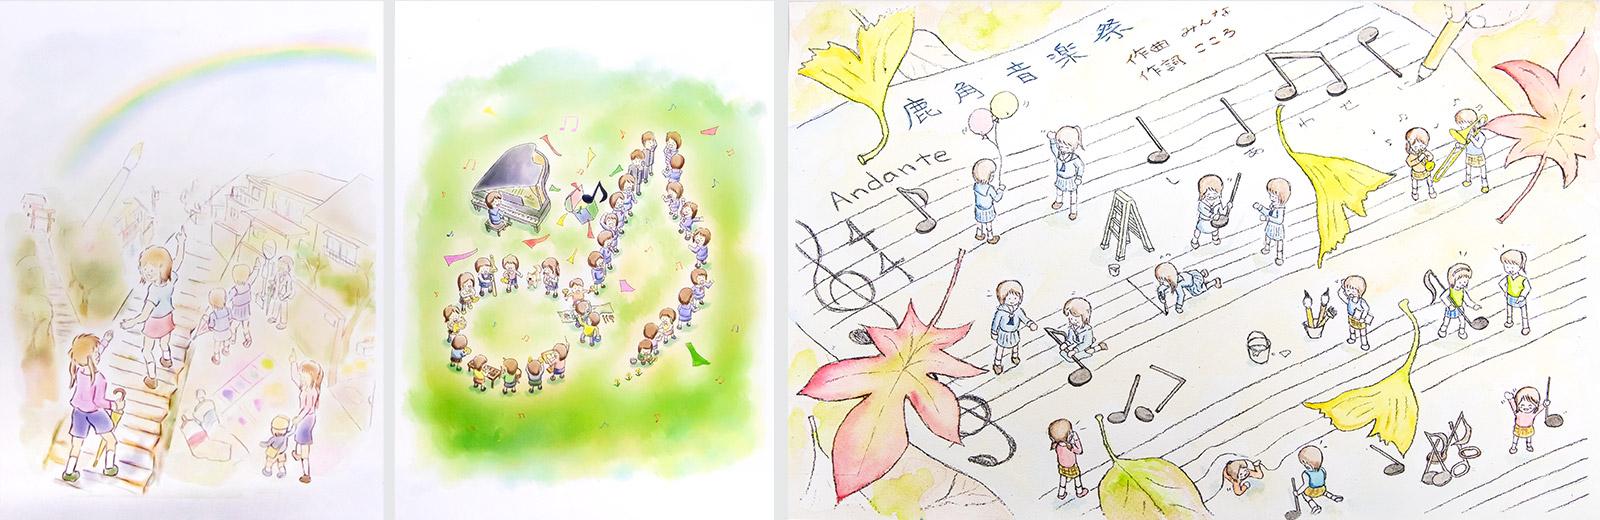 秋田県鹿角市の音楽祭ポスターに使われた絵